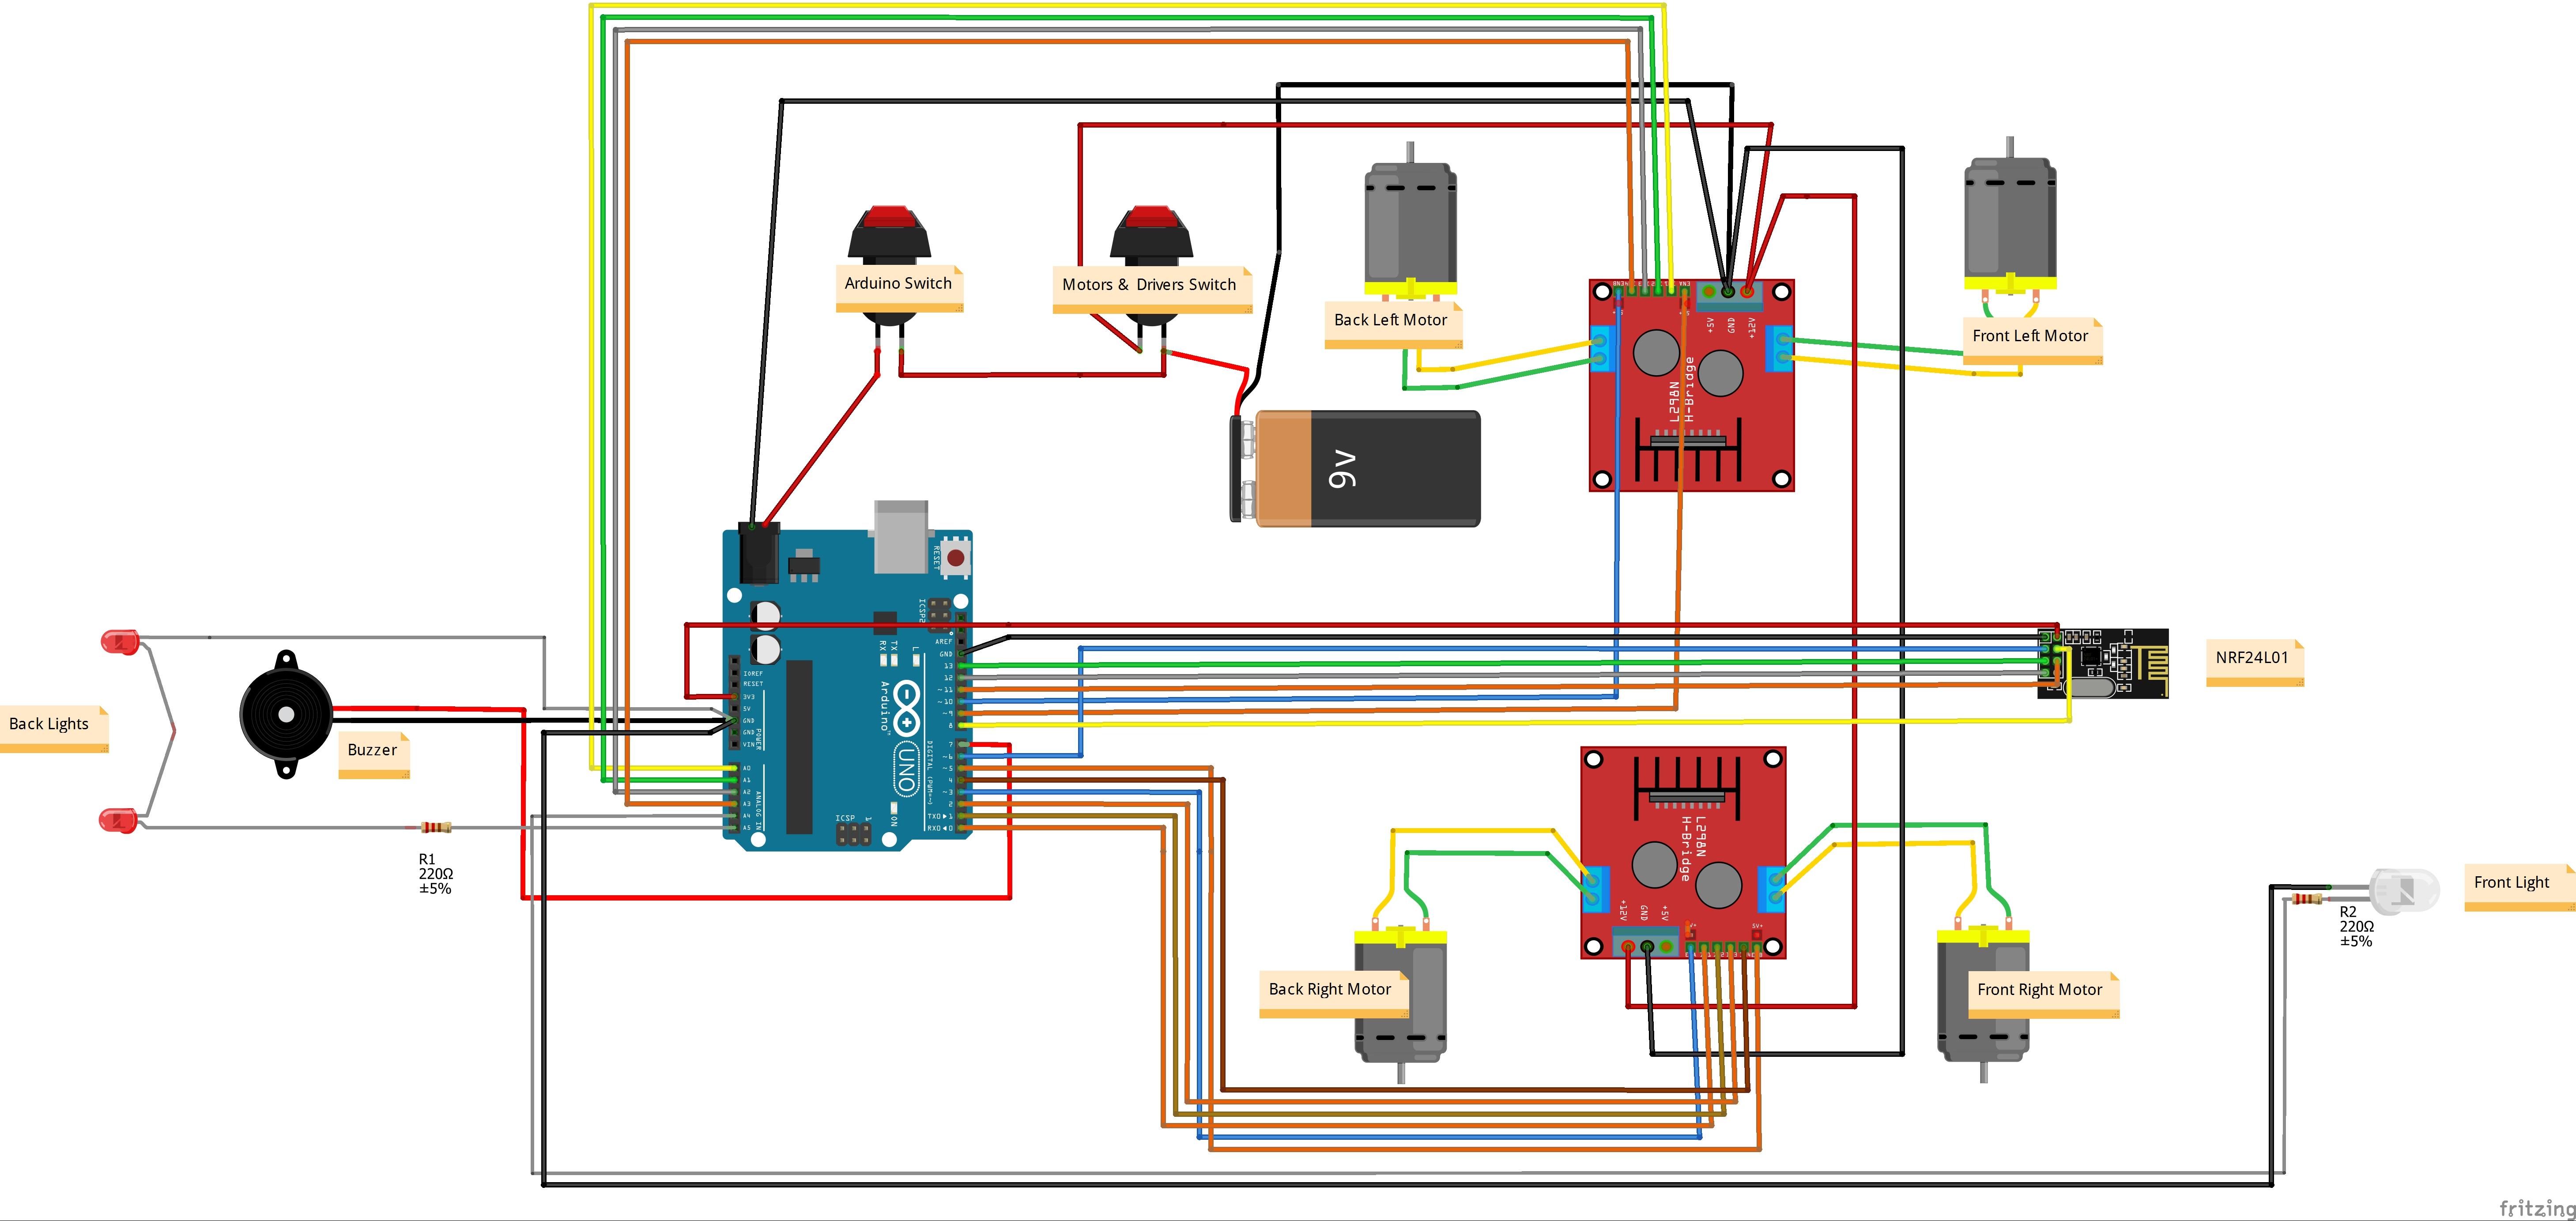 medium resolution of rc car headlight wiring diagram wiring diagram homerc car wiring schematic electrical wiring diagram rc car